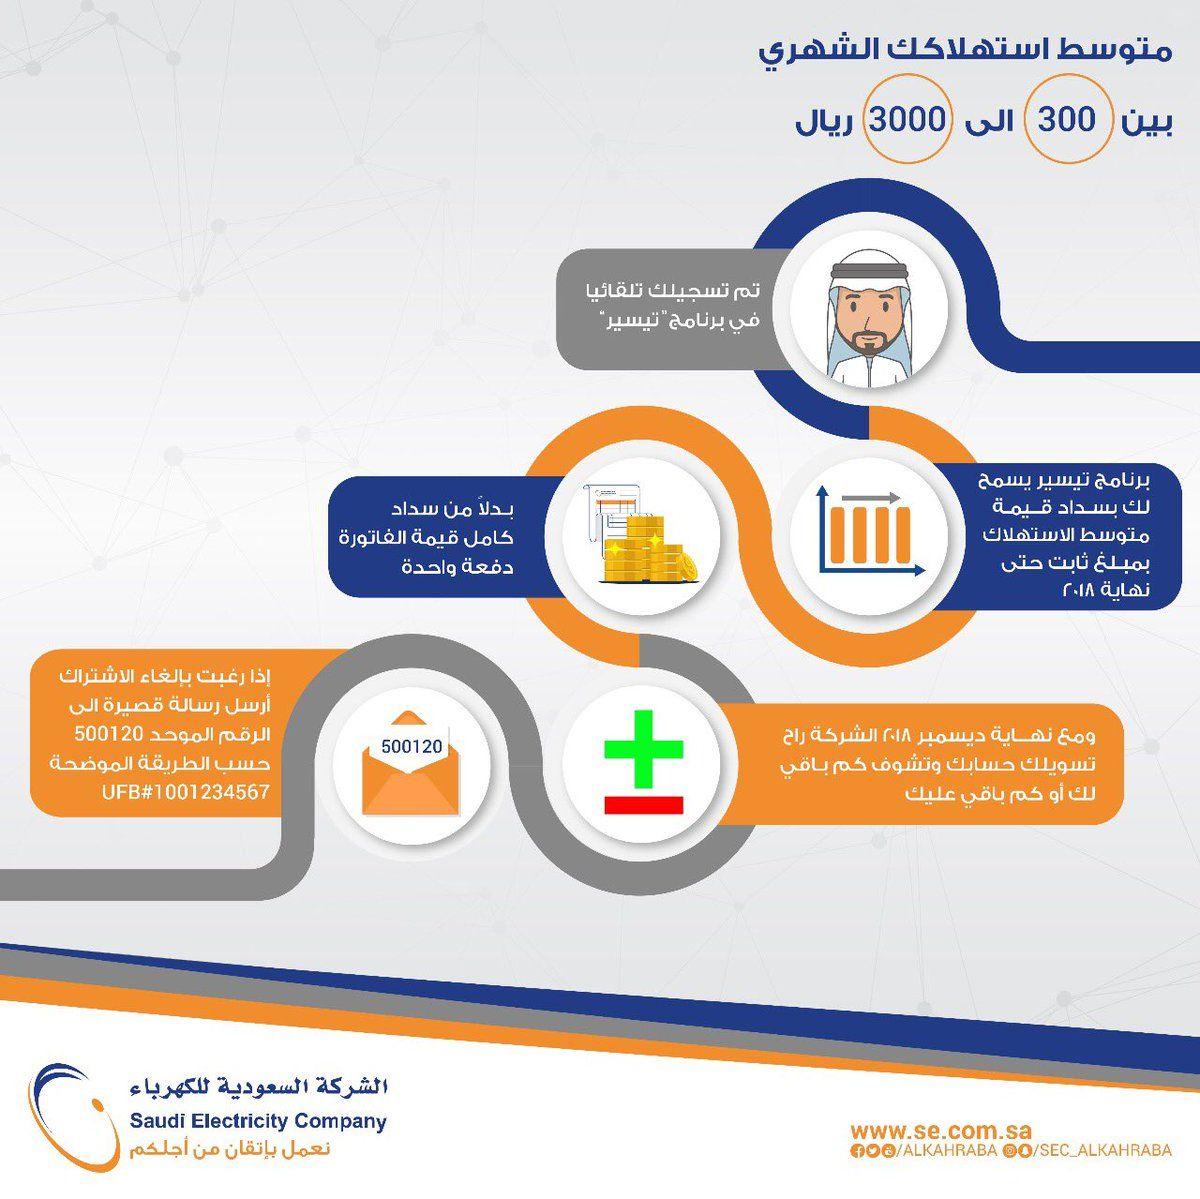 الغاء-خدمة-تيسير-الكهرباء- (1)